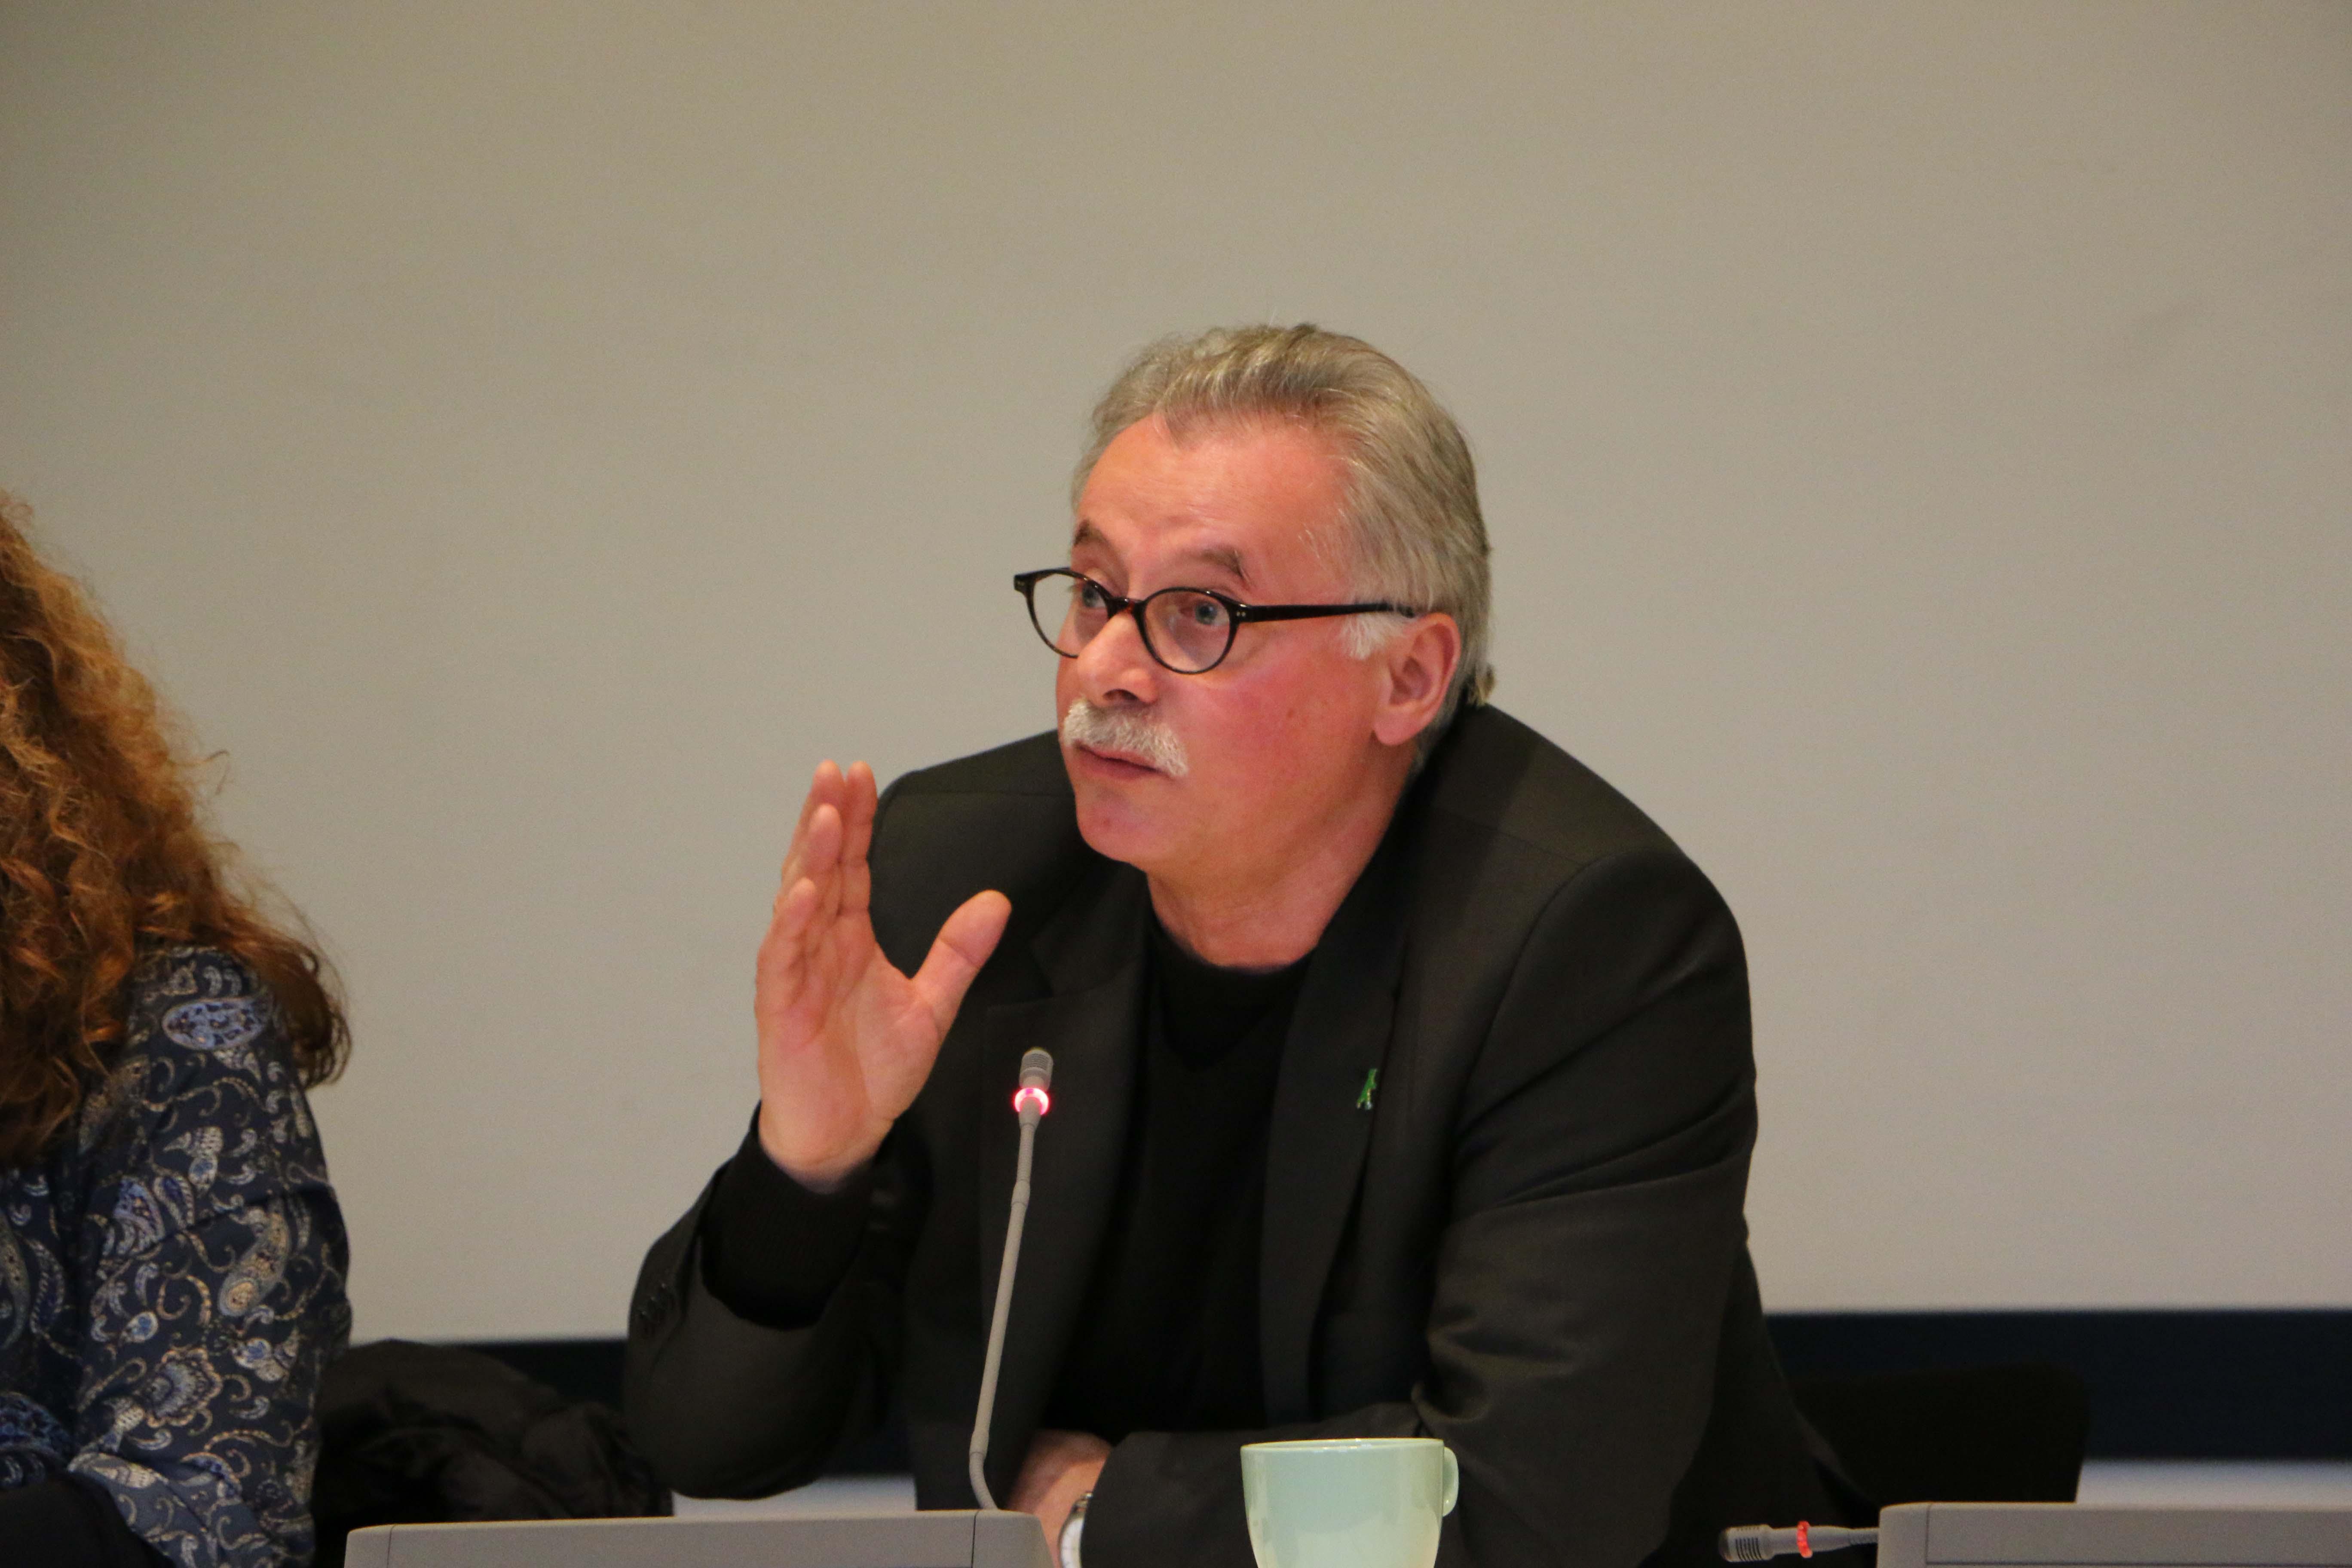 Harald Moritz tauscht sich aus und stimmt sich gemeinsam mit der Fraktion auf das Jahr 2019 ein